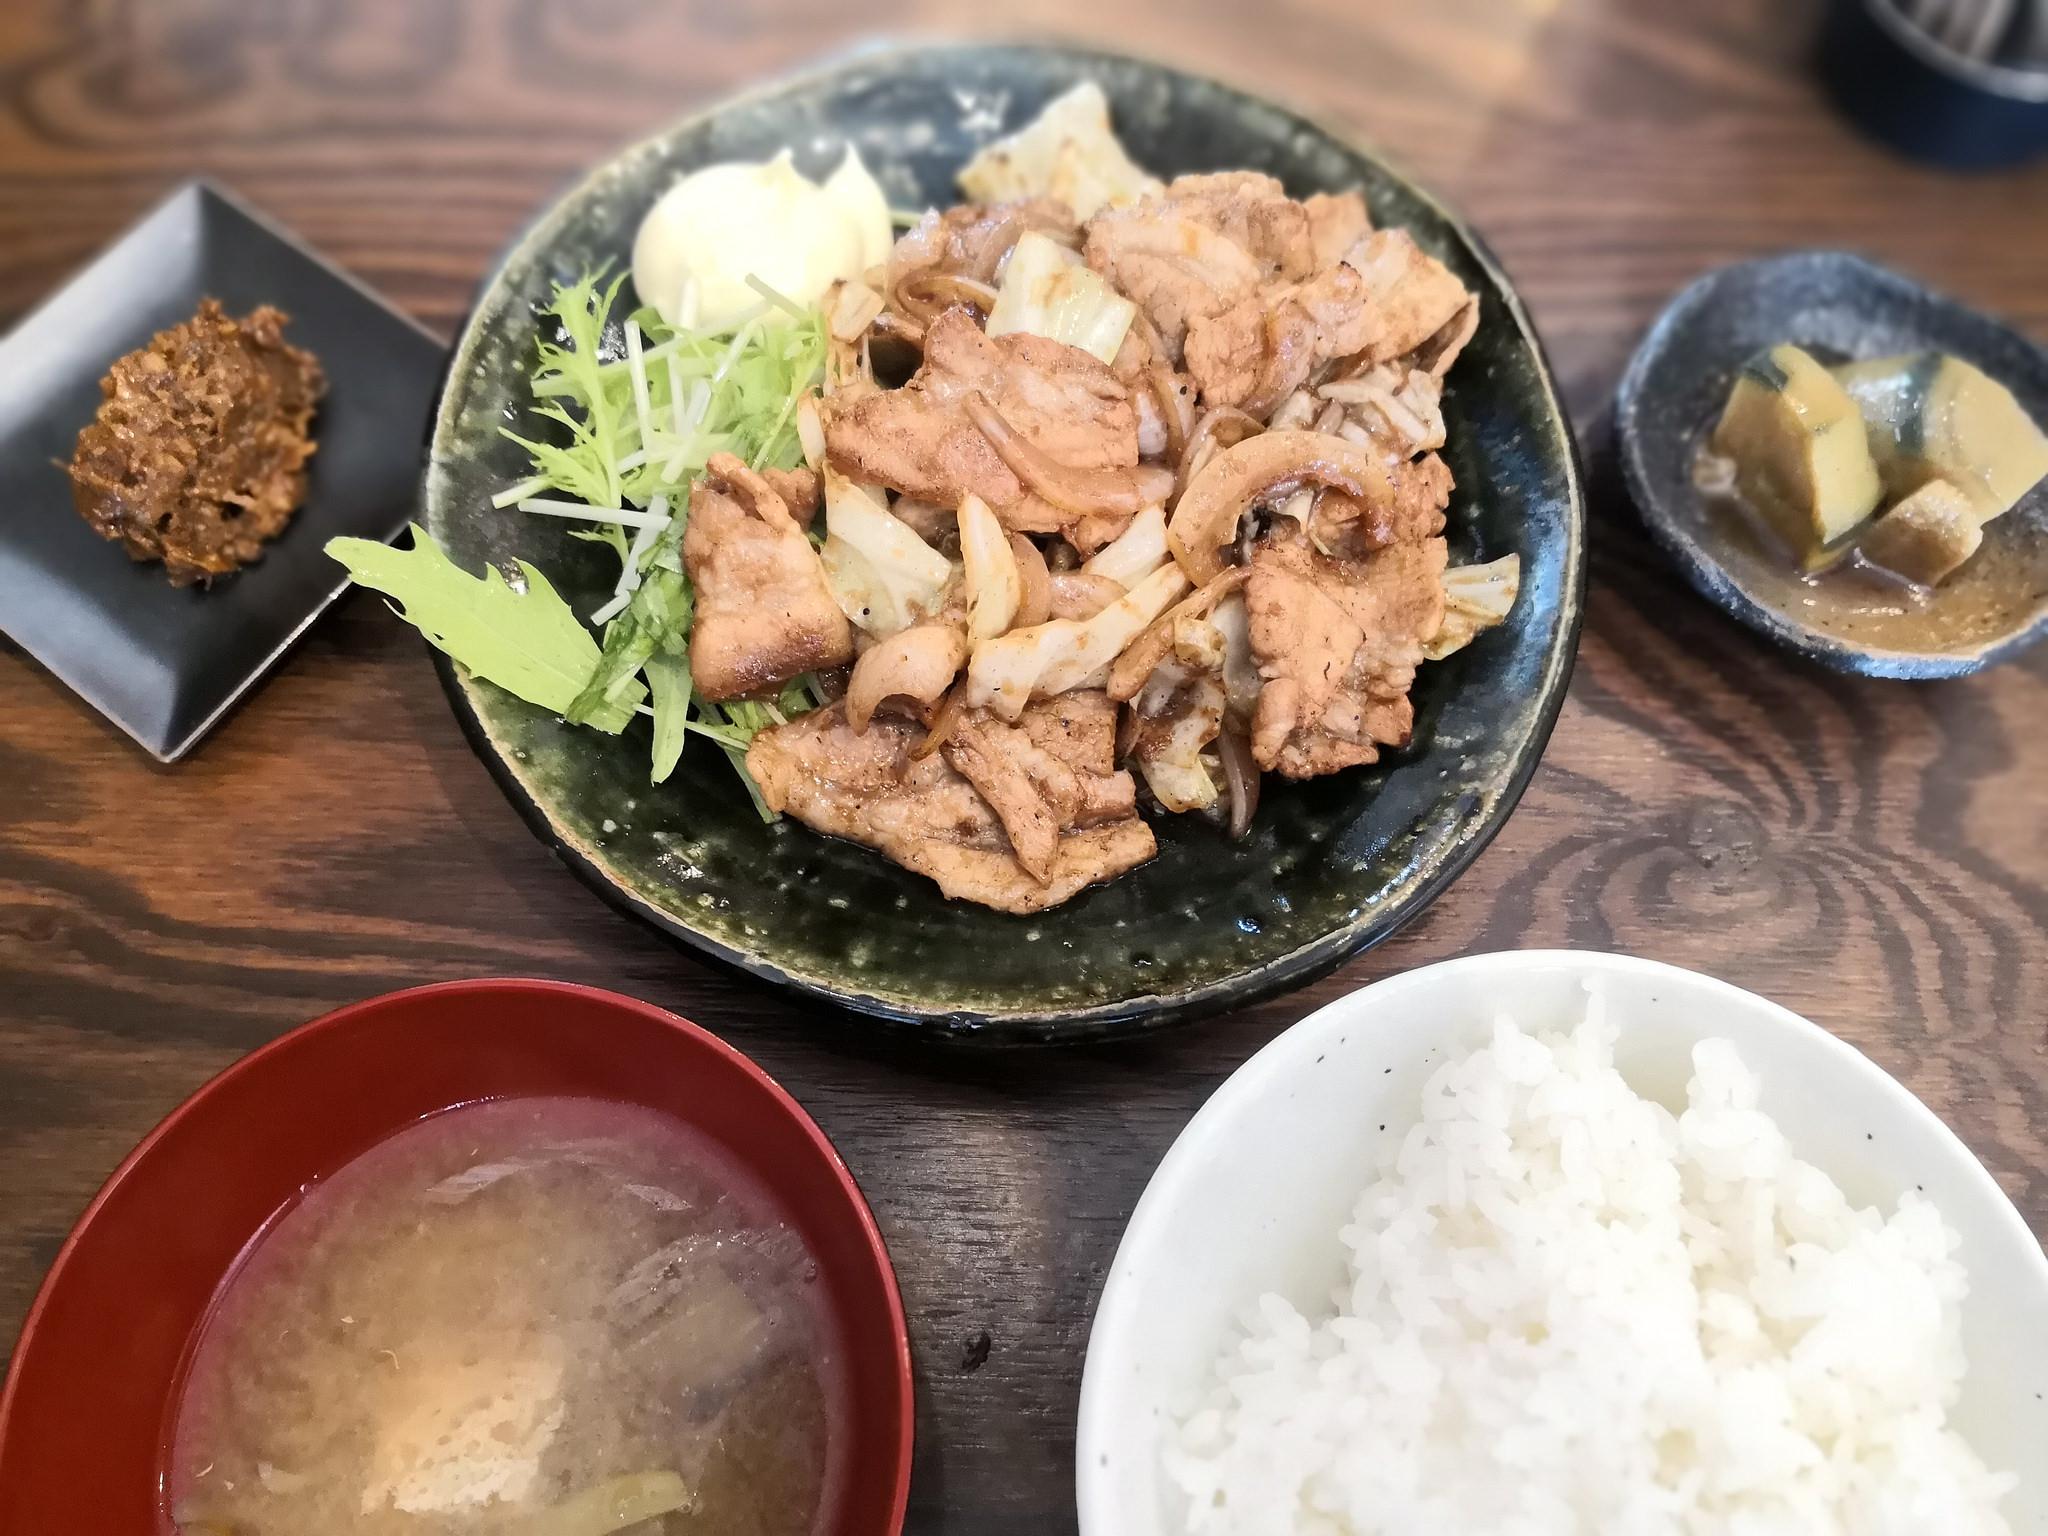 【恵比寿】恵比寿橋酒場 TuGI@イマドキ男子の台所的な定食。ボリュームたっぷりランチ。